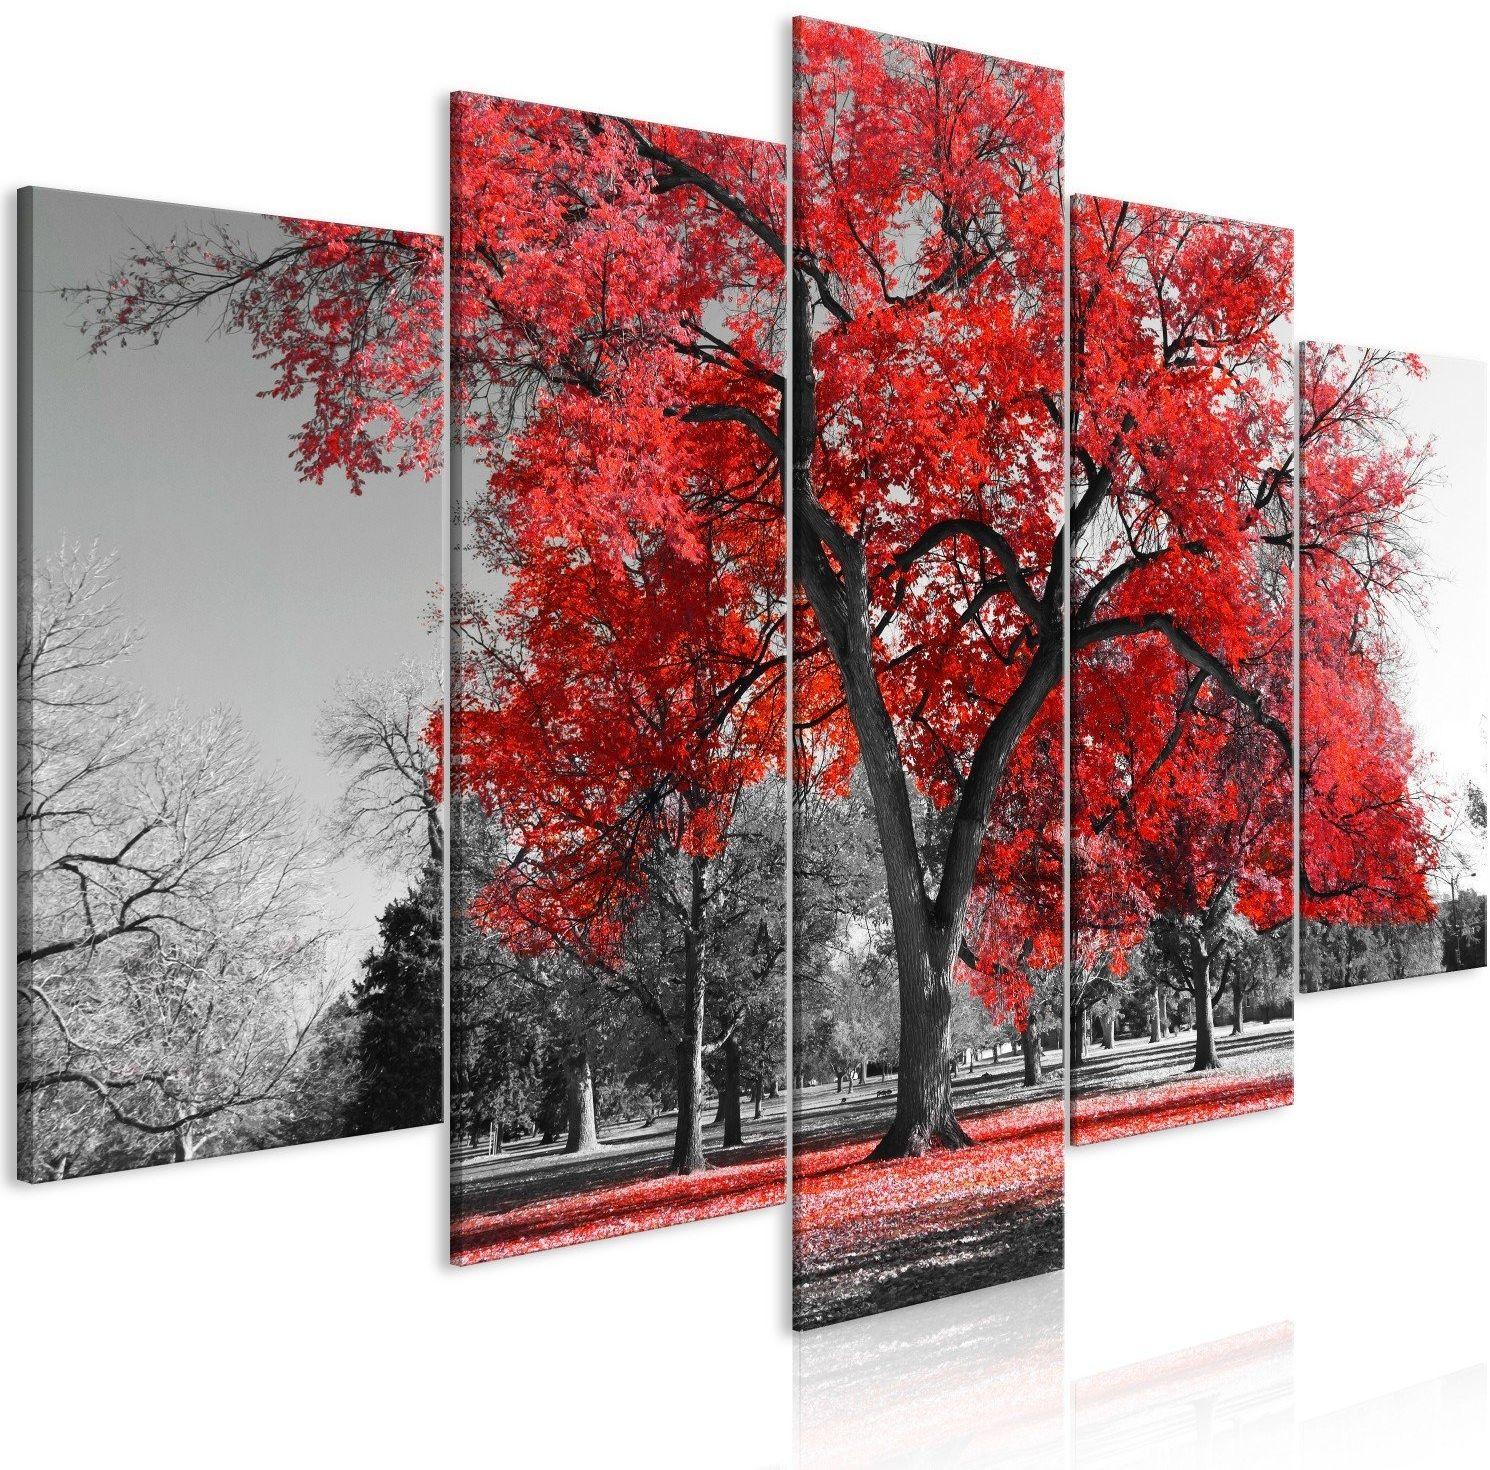 Obraz - jesień w parku (5-częściowy) szeroki czerwony